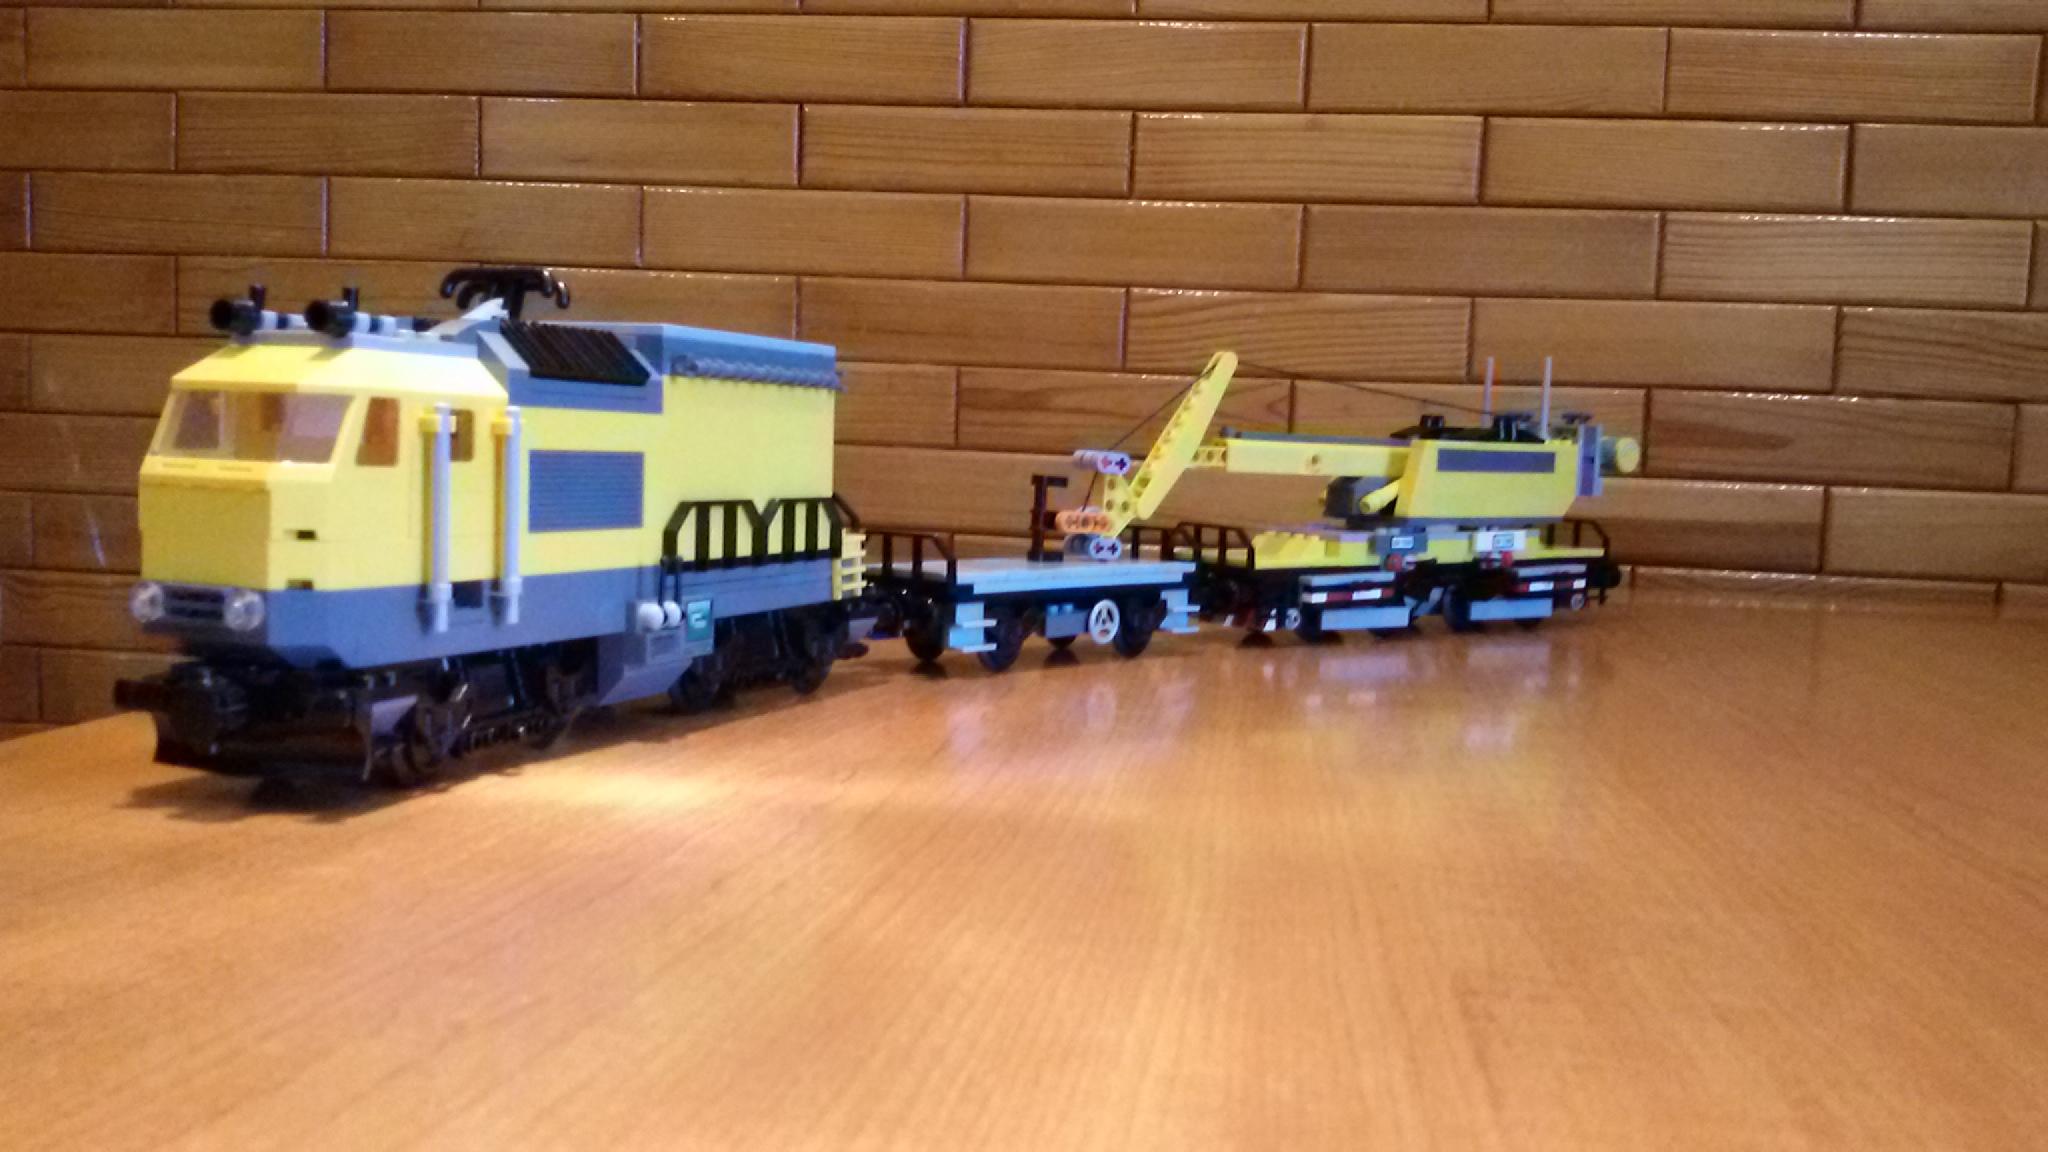 Tren de interventie LCR Infra